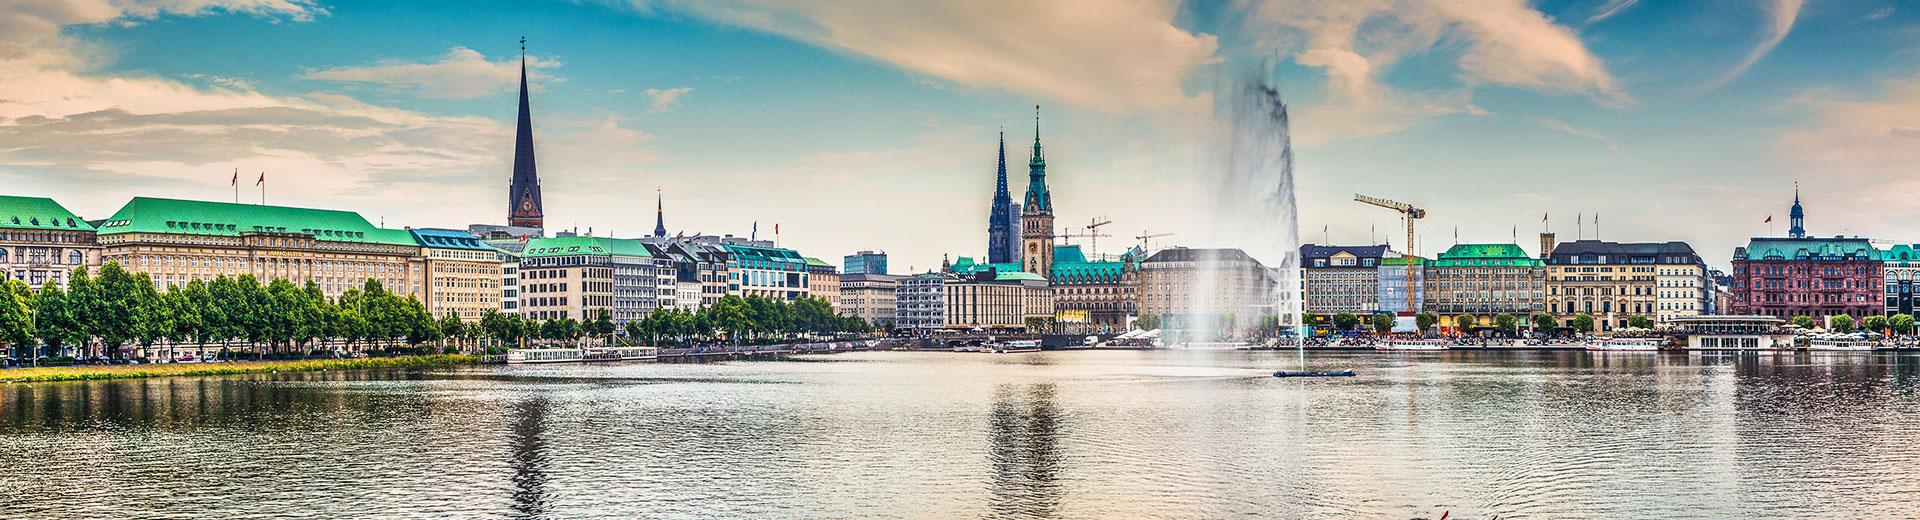 Voyages en groupe Hambourg - offre économique train